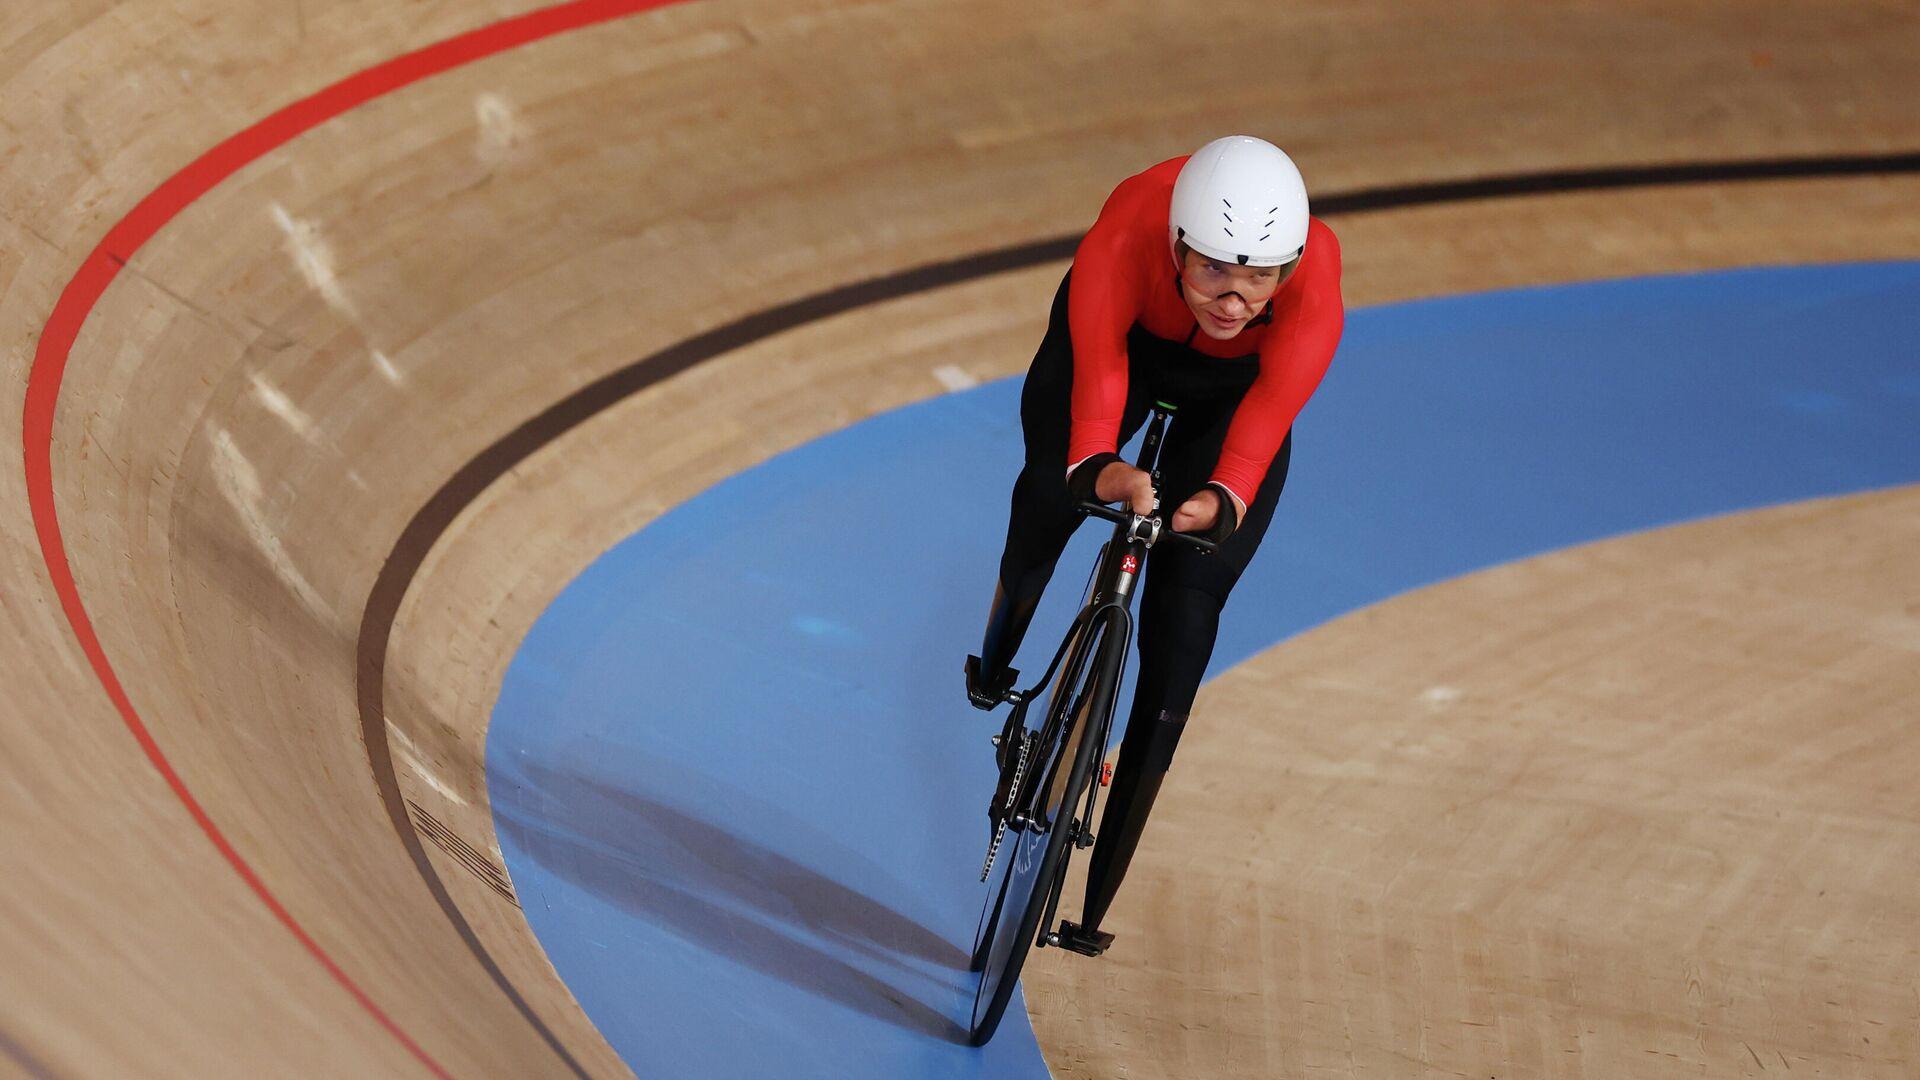 Велогонщик Михаил Асташов, выигравший индивидуальную гонку на 3000 метров в классе С1 на Паралимпийских играх в Токио - РИА Новости, 1920, 26.08.2021